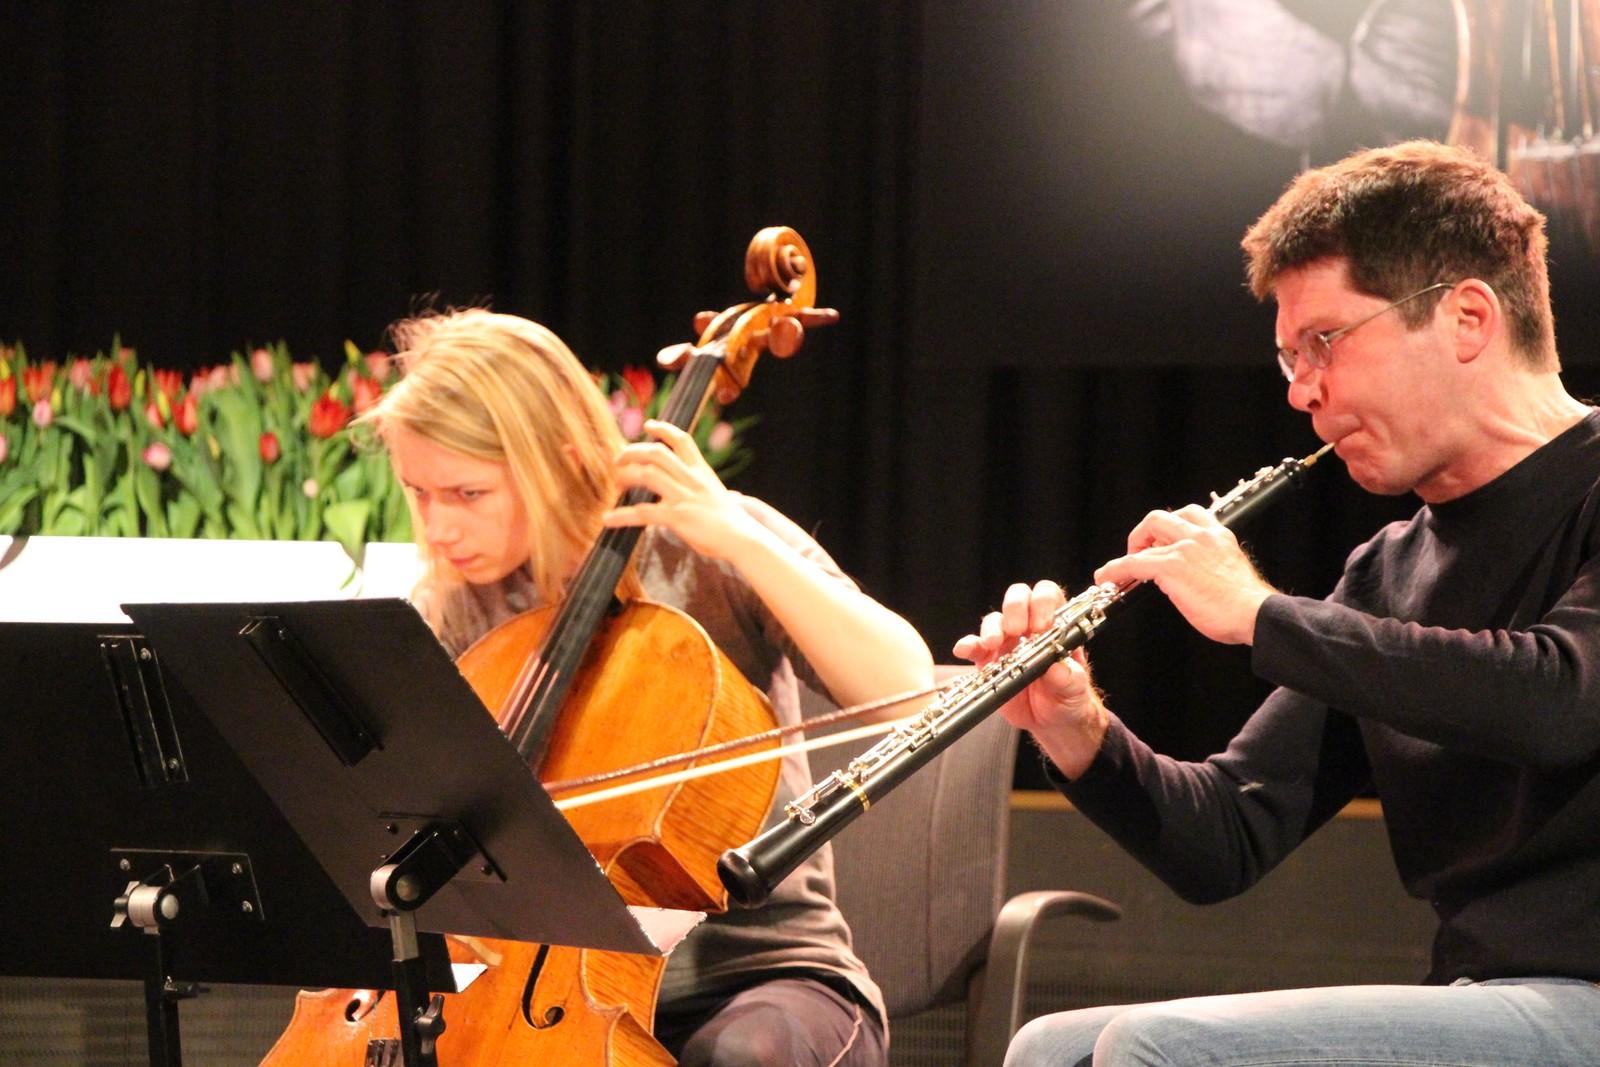 Mirjam Kammler og Christoph Hartmann øver.